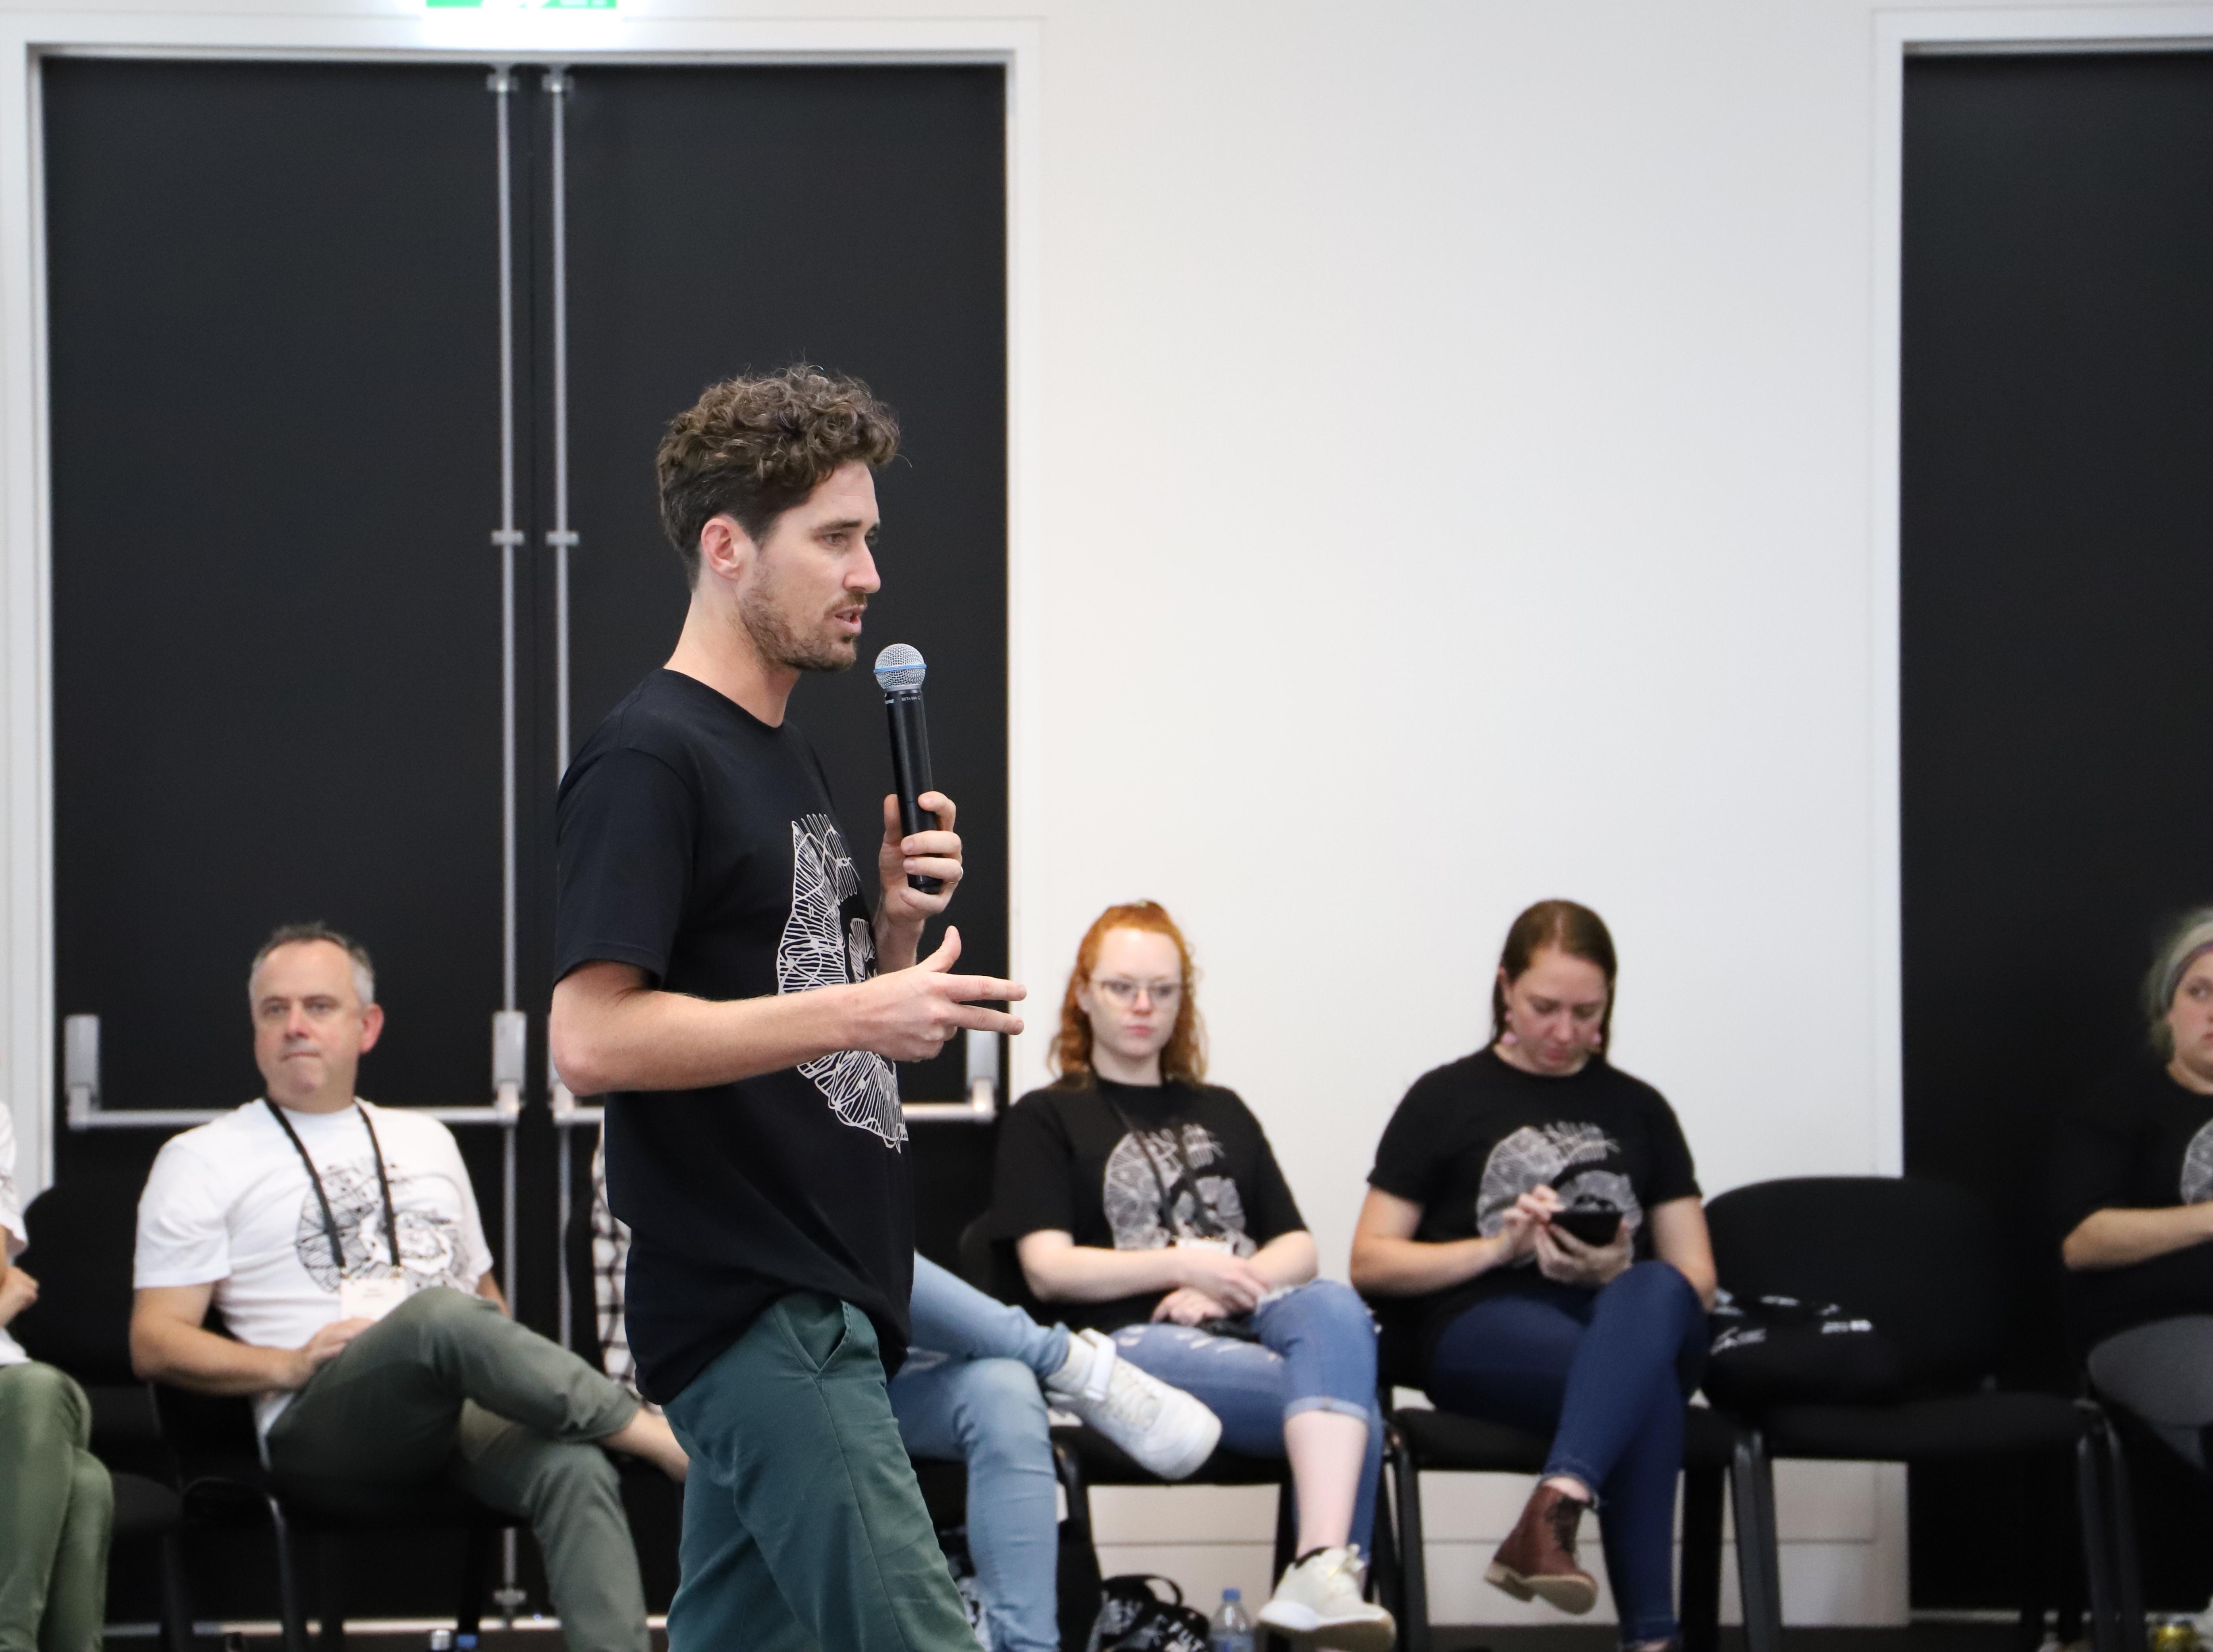 Tristan Schultz speaking